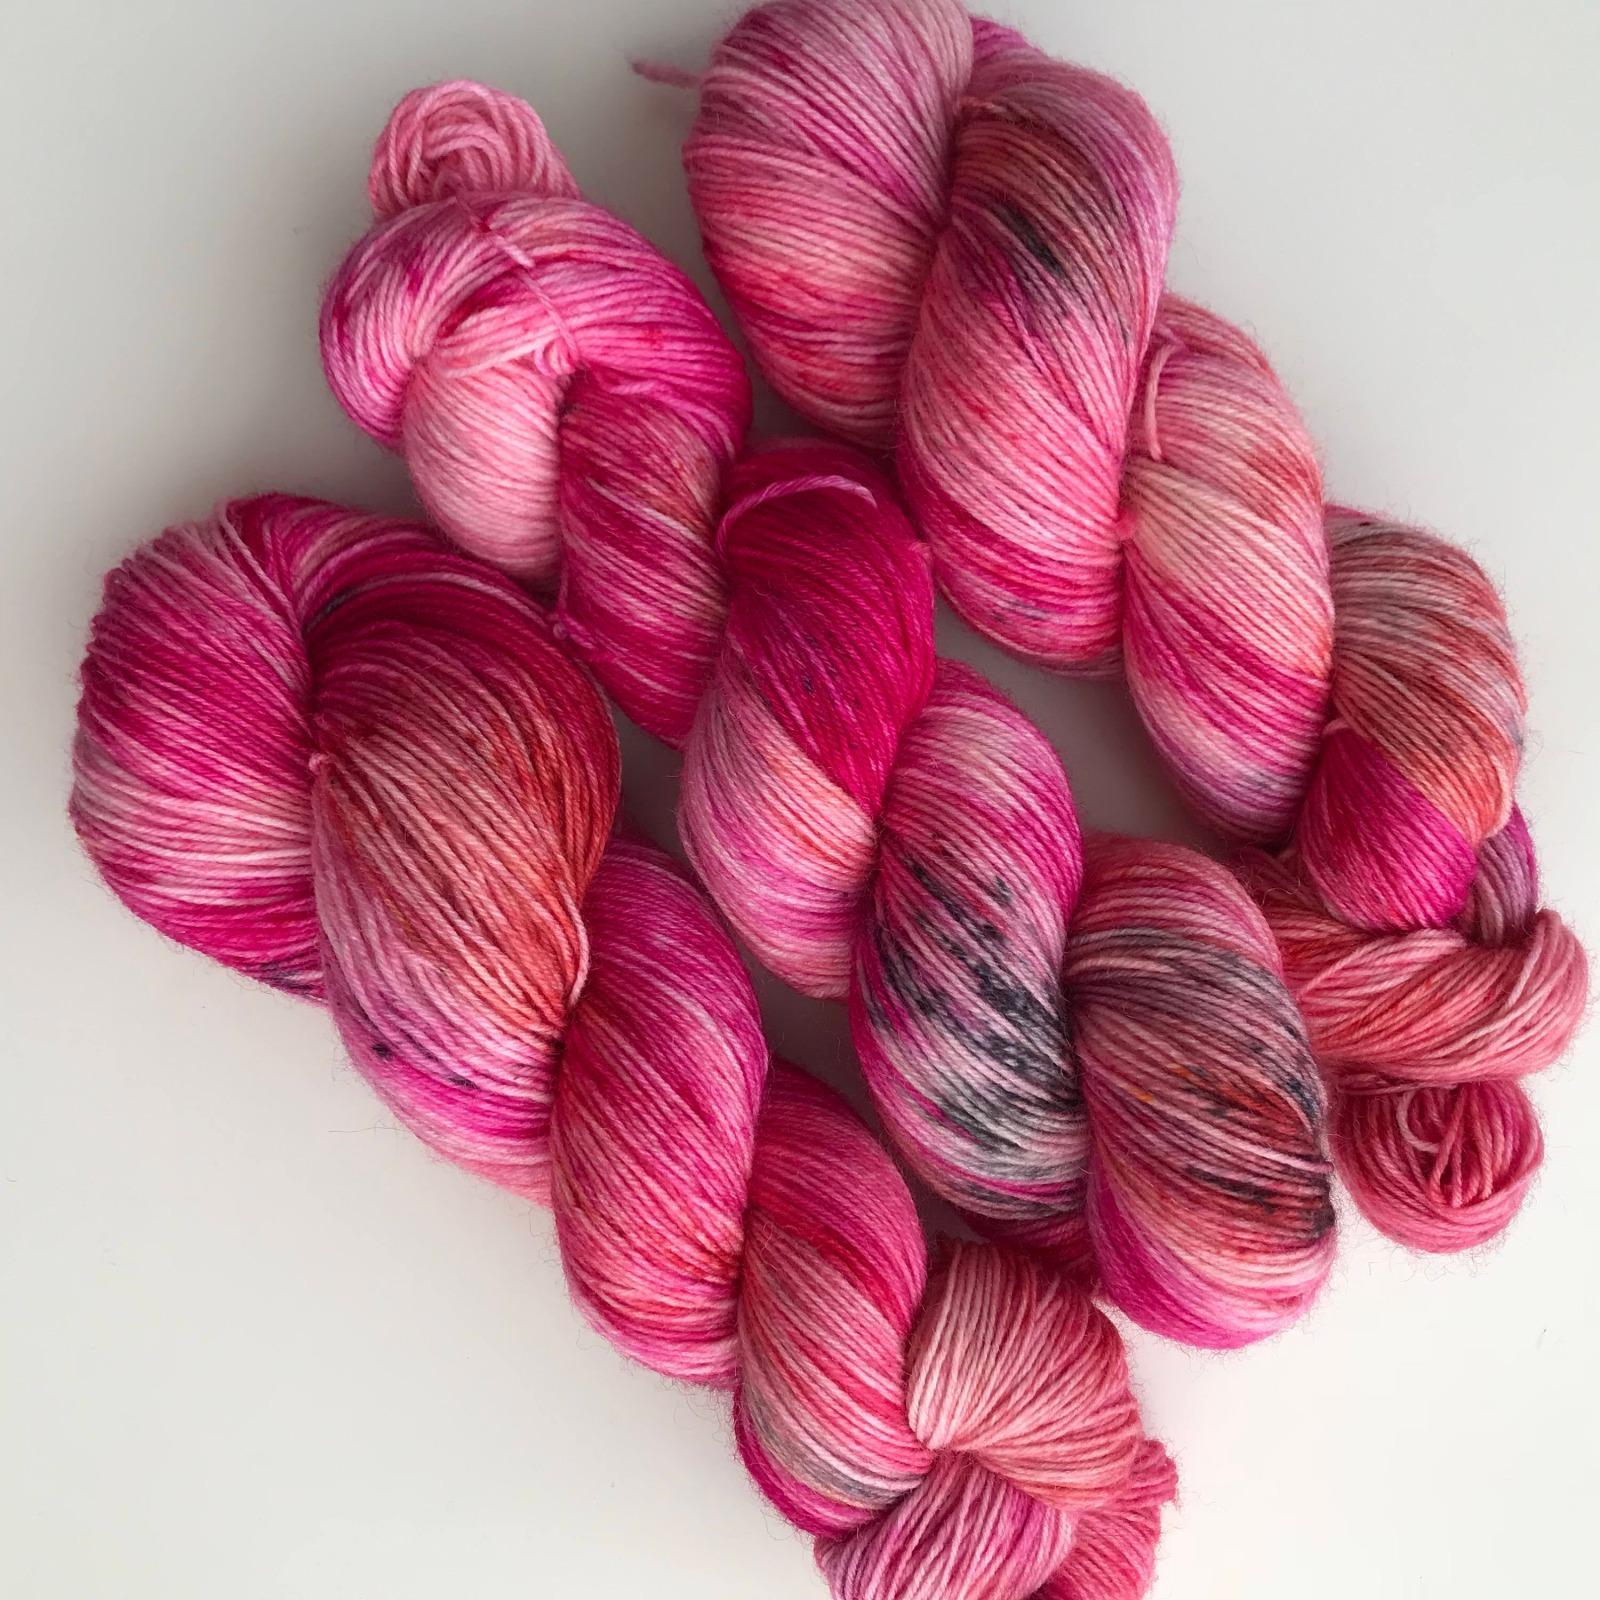 FLAMINGO LOVE - handgefärbte Sockenwolle 3